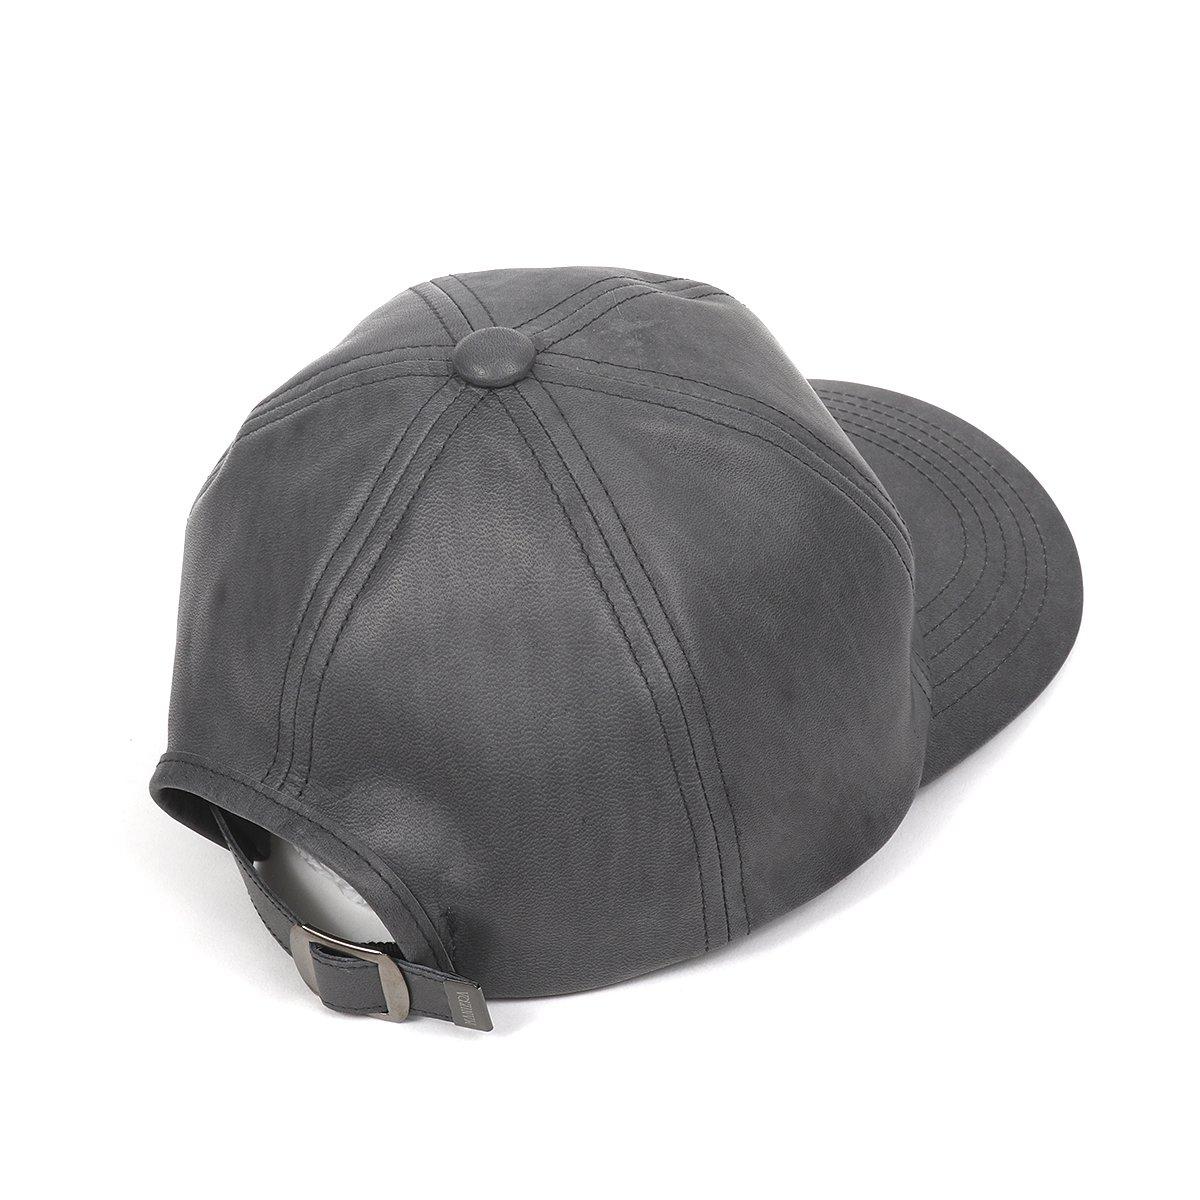 【SALE】LEATHER CAP 詳細画像5